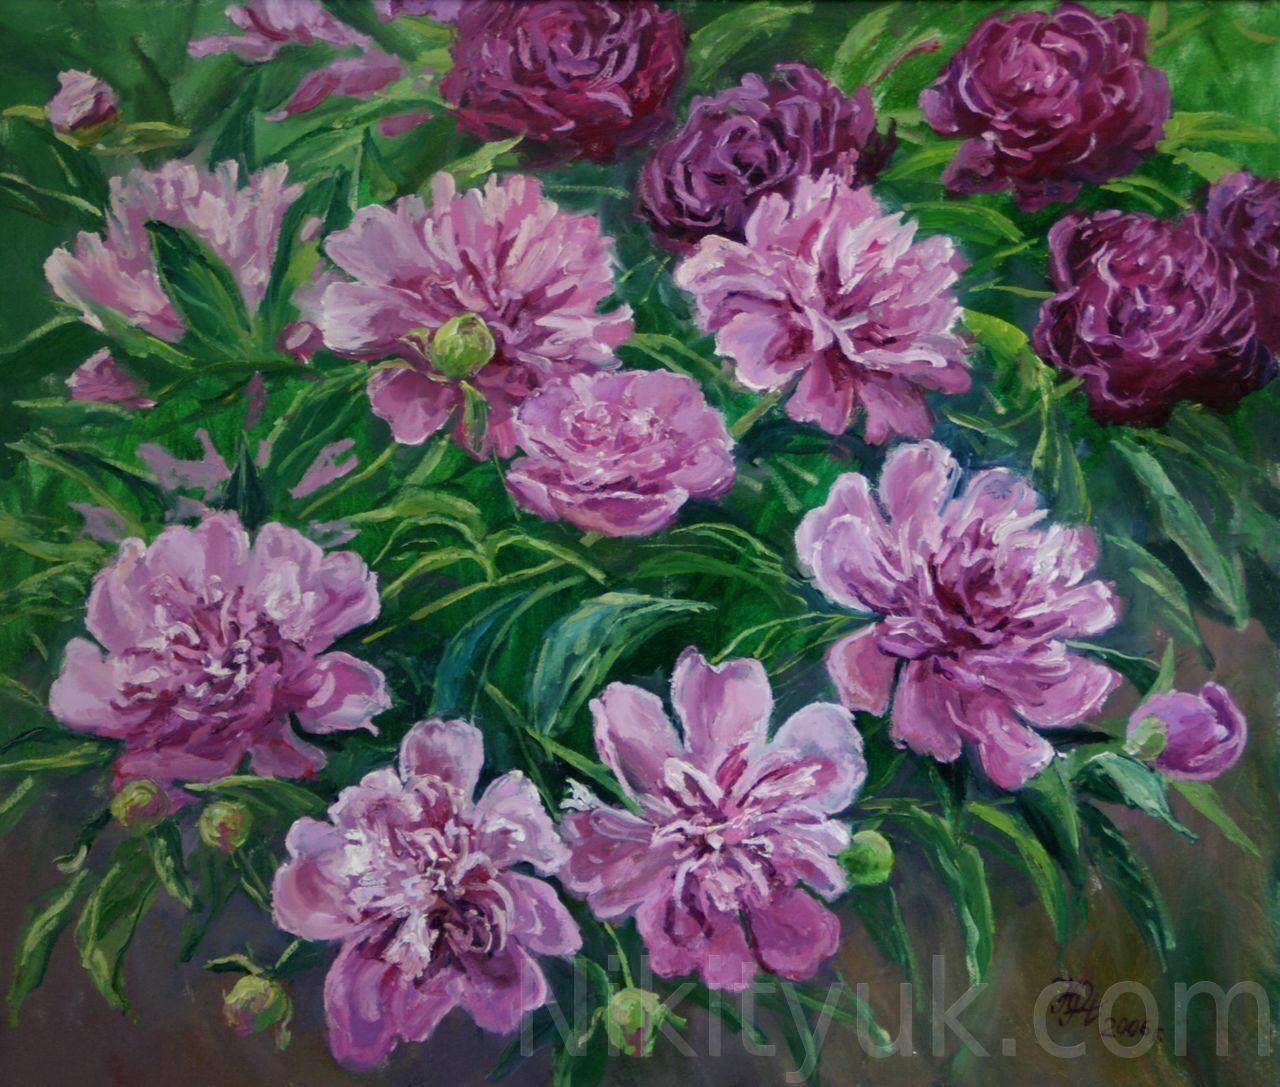 Розовые пионы, х.м., 60х70см, 2006г. 20 000 руб., в наличии